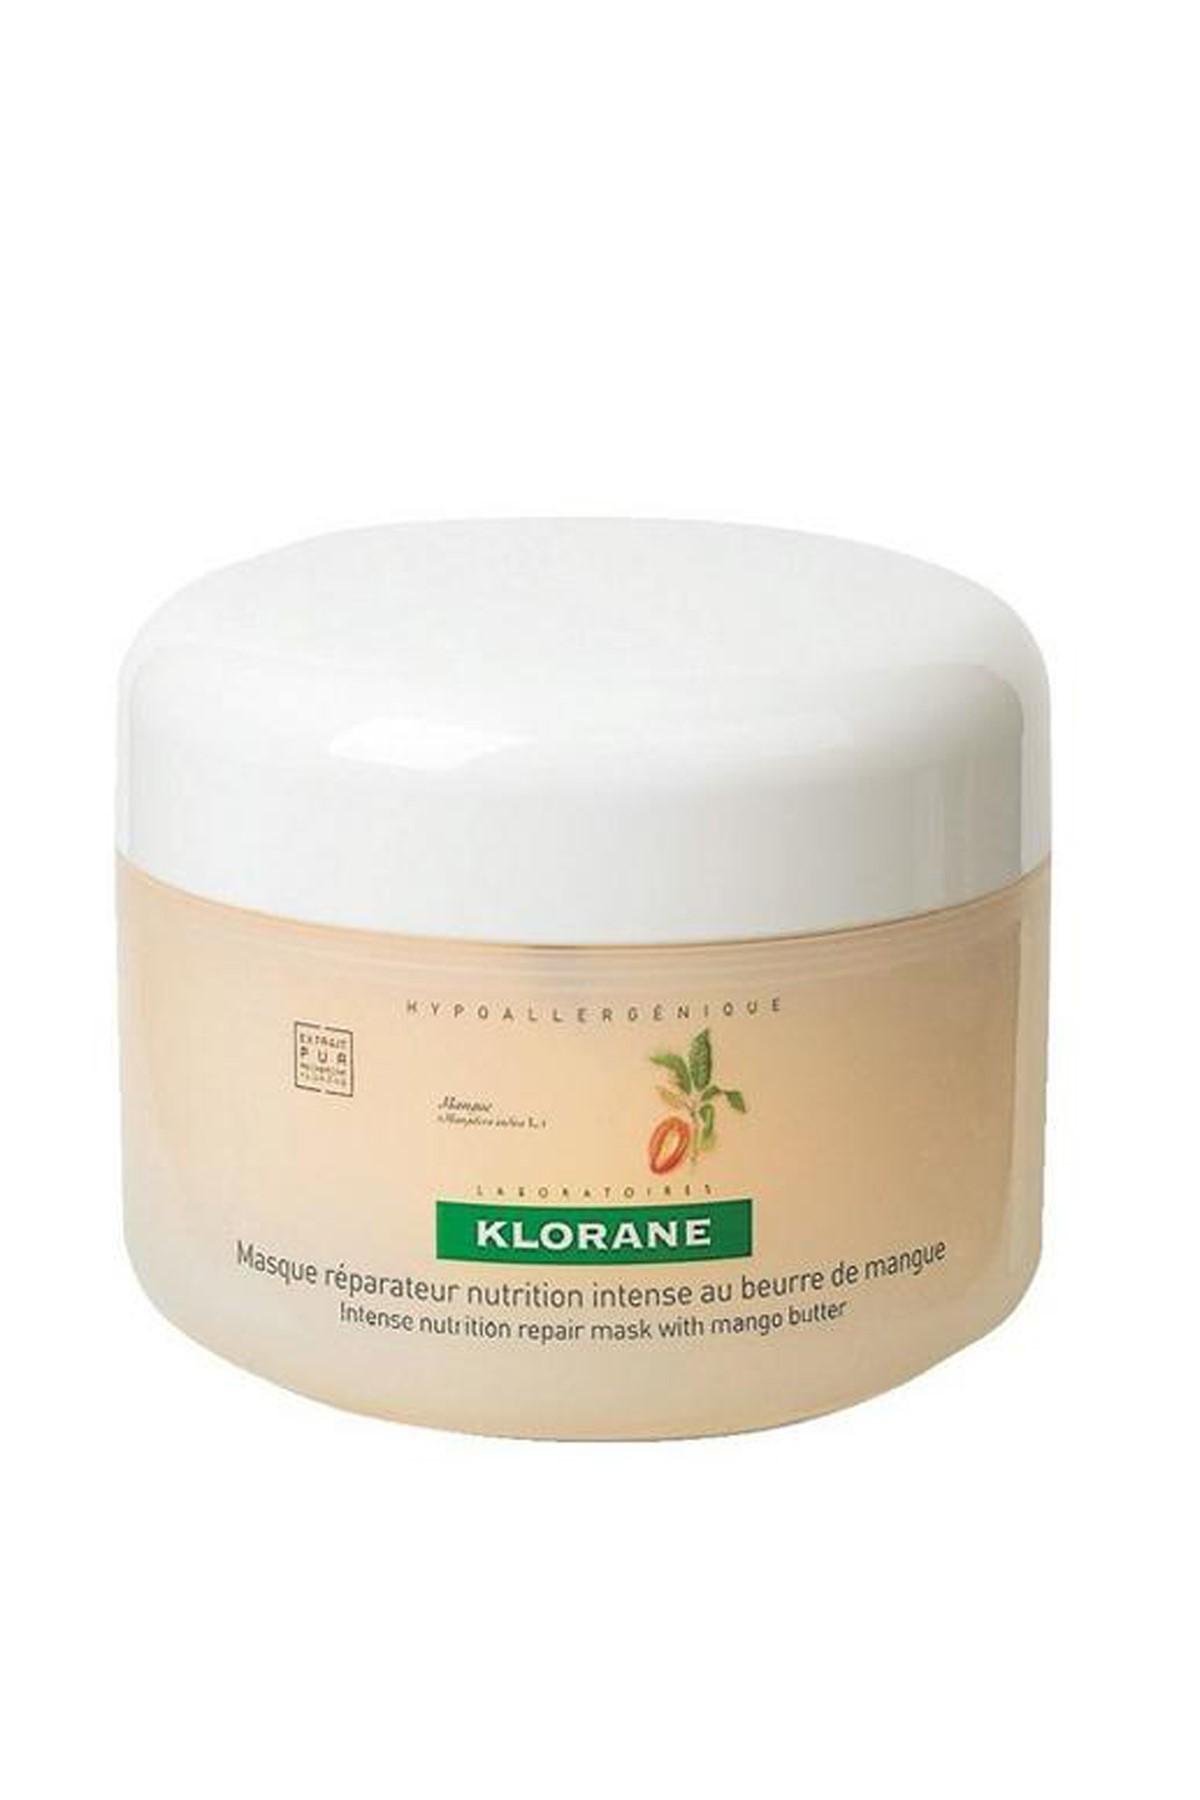 Klorane Masque Mangue, Μάσκα Μαλλιών Με Μάνγκο 150ml υγιεινή   μαλλιά   μαλακτικά μάσκες ελιξίρια μαλλιών